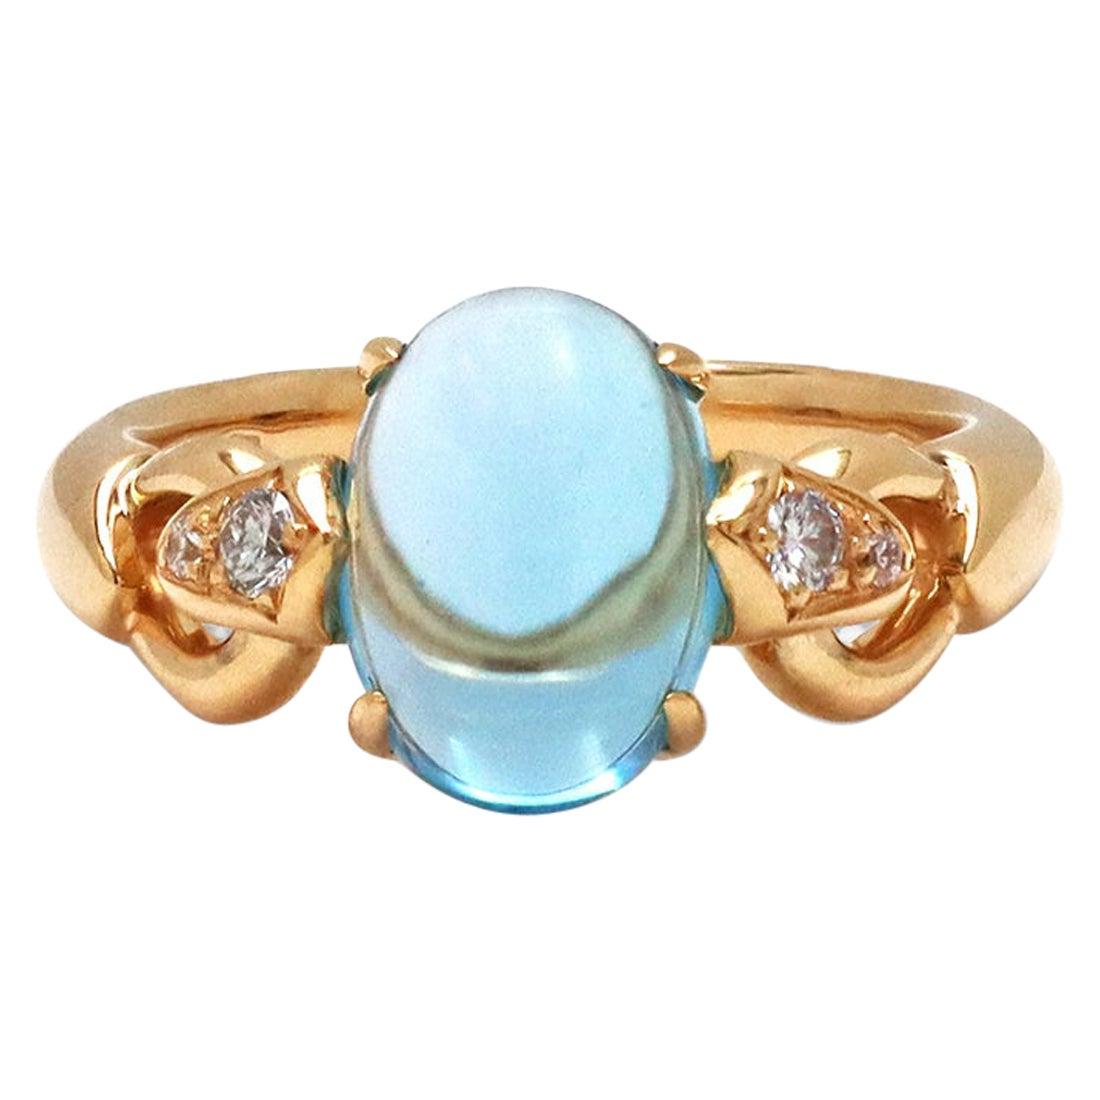 Bvlgari Topaz and Diamond Yellow Gold Ring